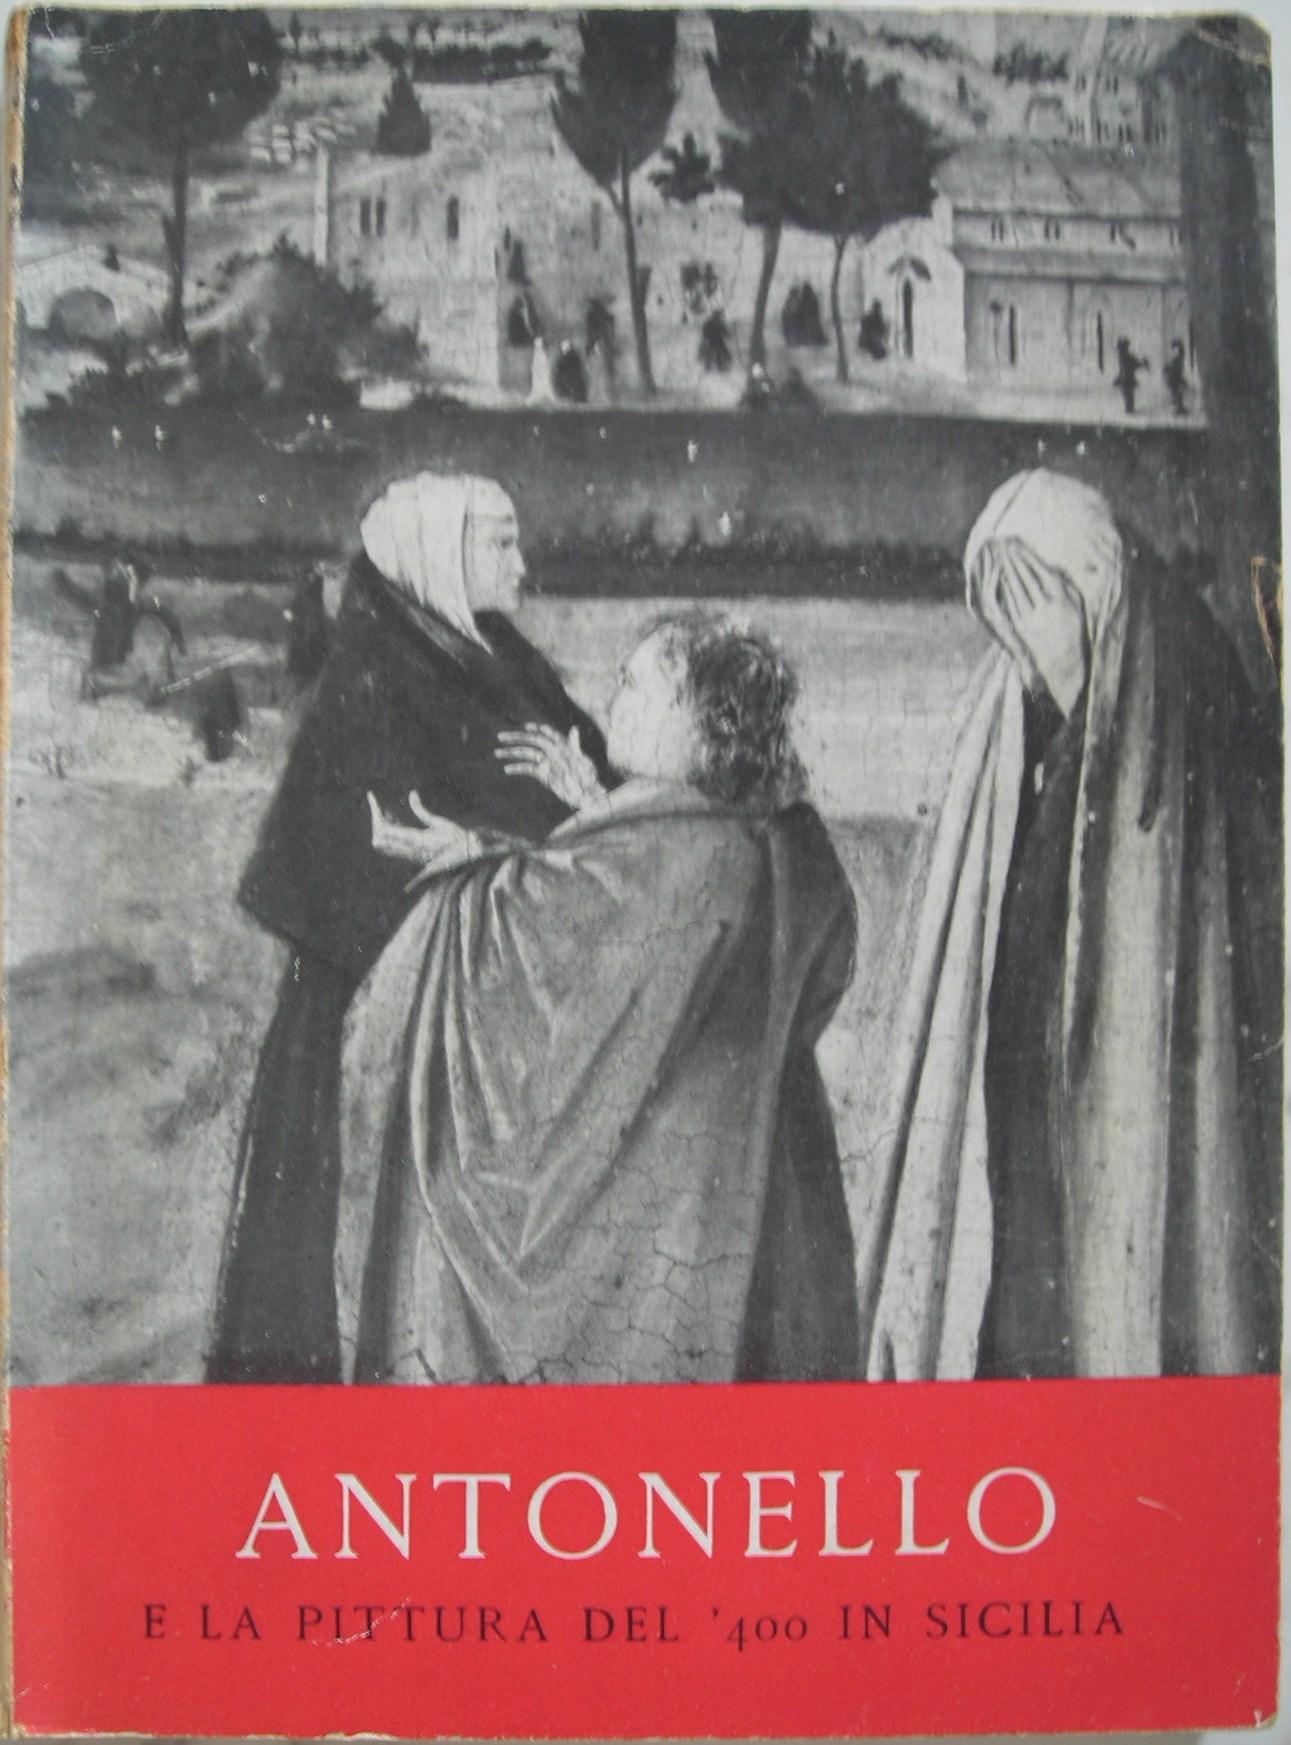 Antonello da Messina e la pittura del '400 in Sicilia